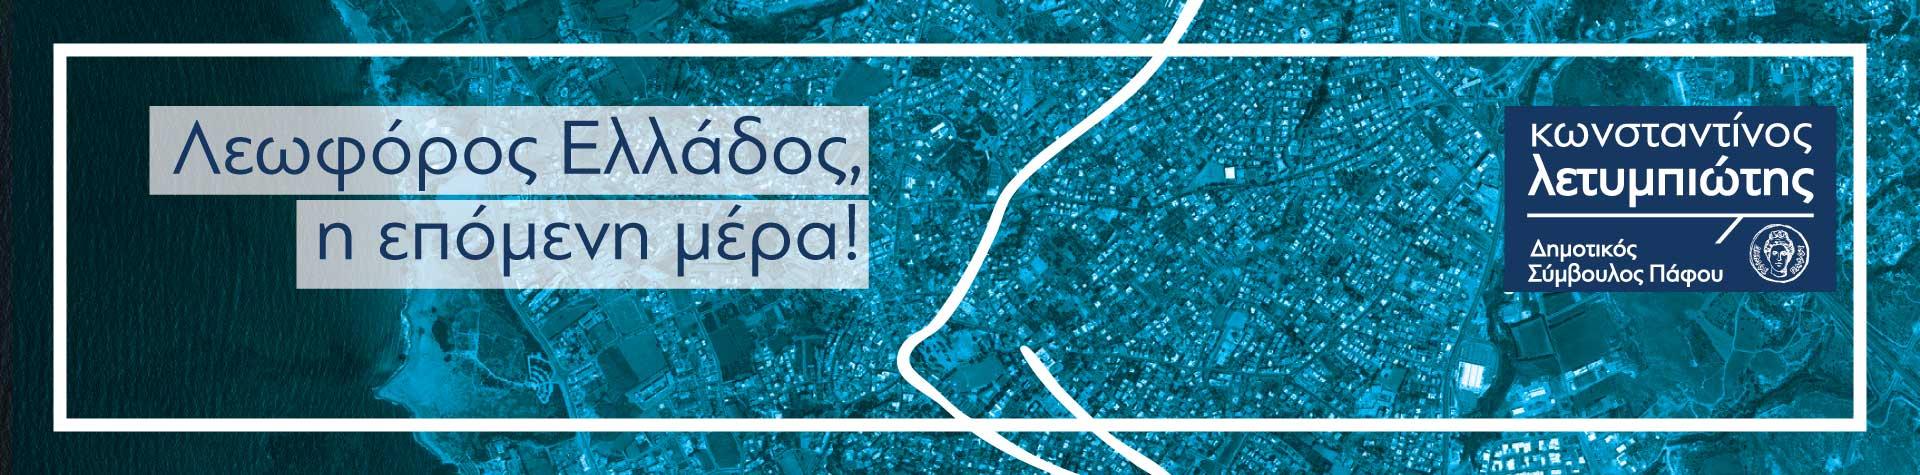 Λεωφόρος Ελλάδος…η επόμενη μέρα!